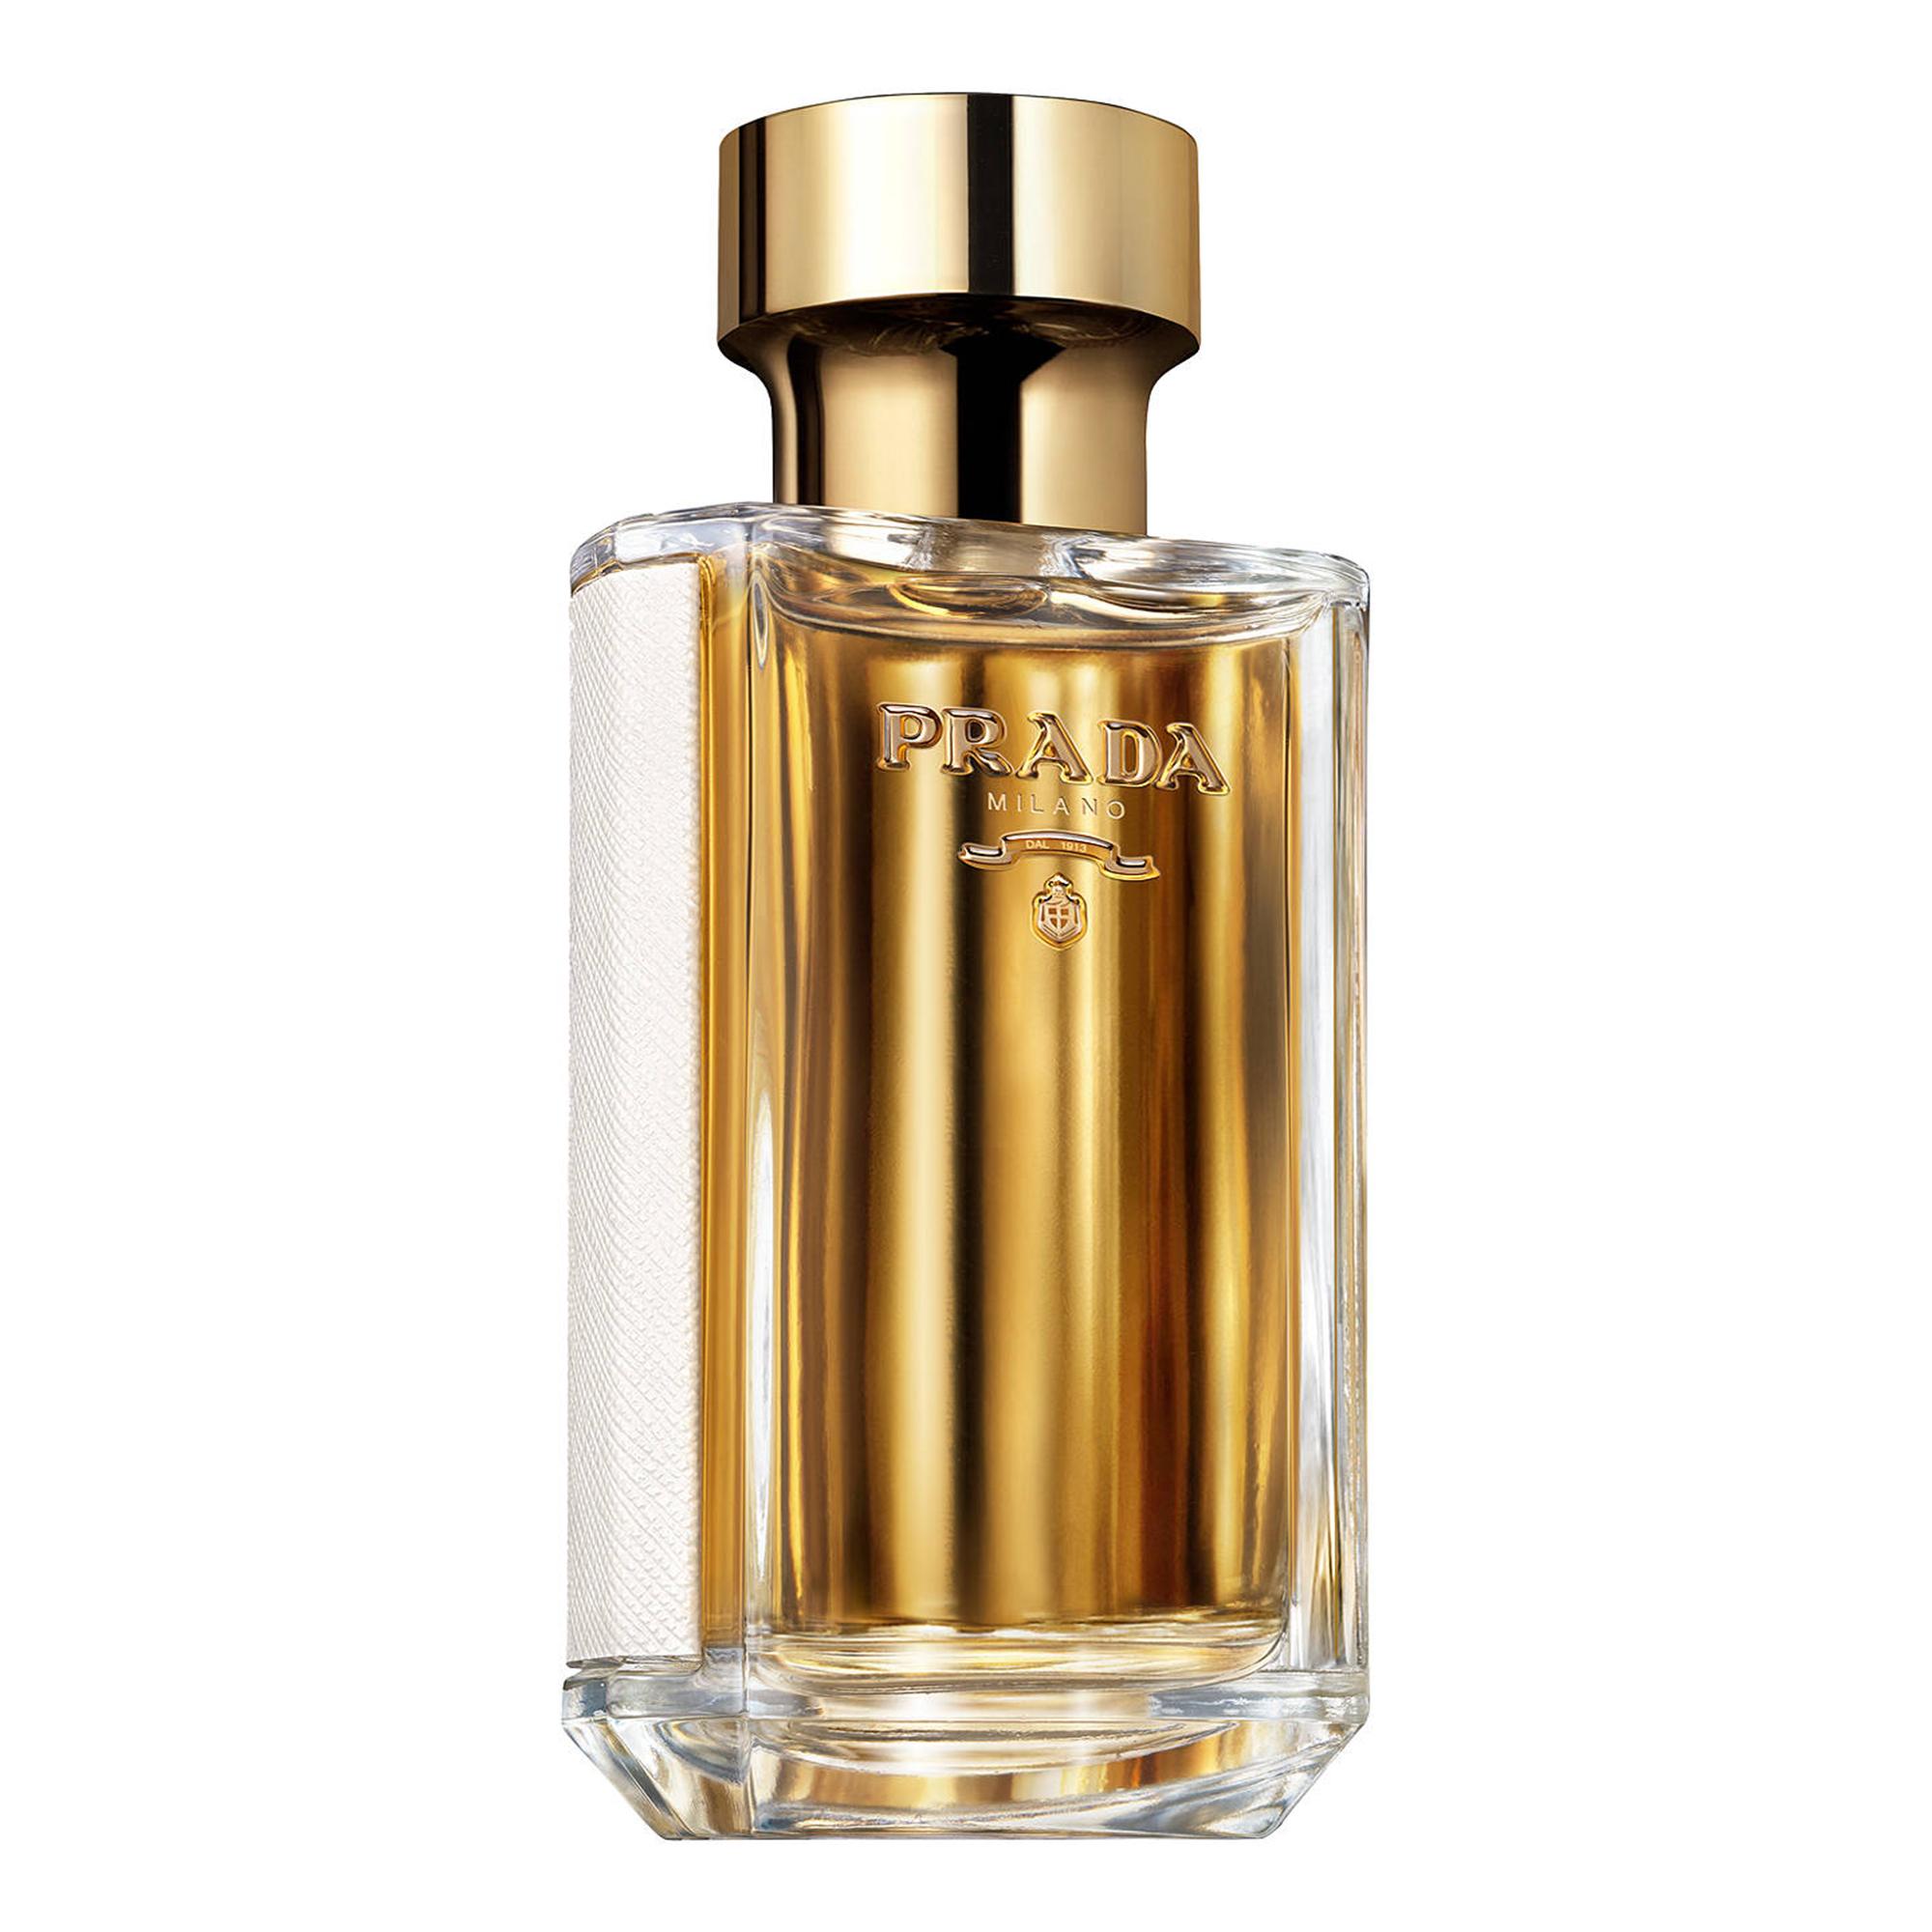 خرید ادو پرفیوم زنانه پرادا مدل La Femme حجم ۵۰ میلی لیتر